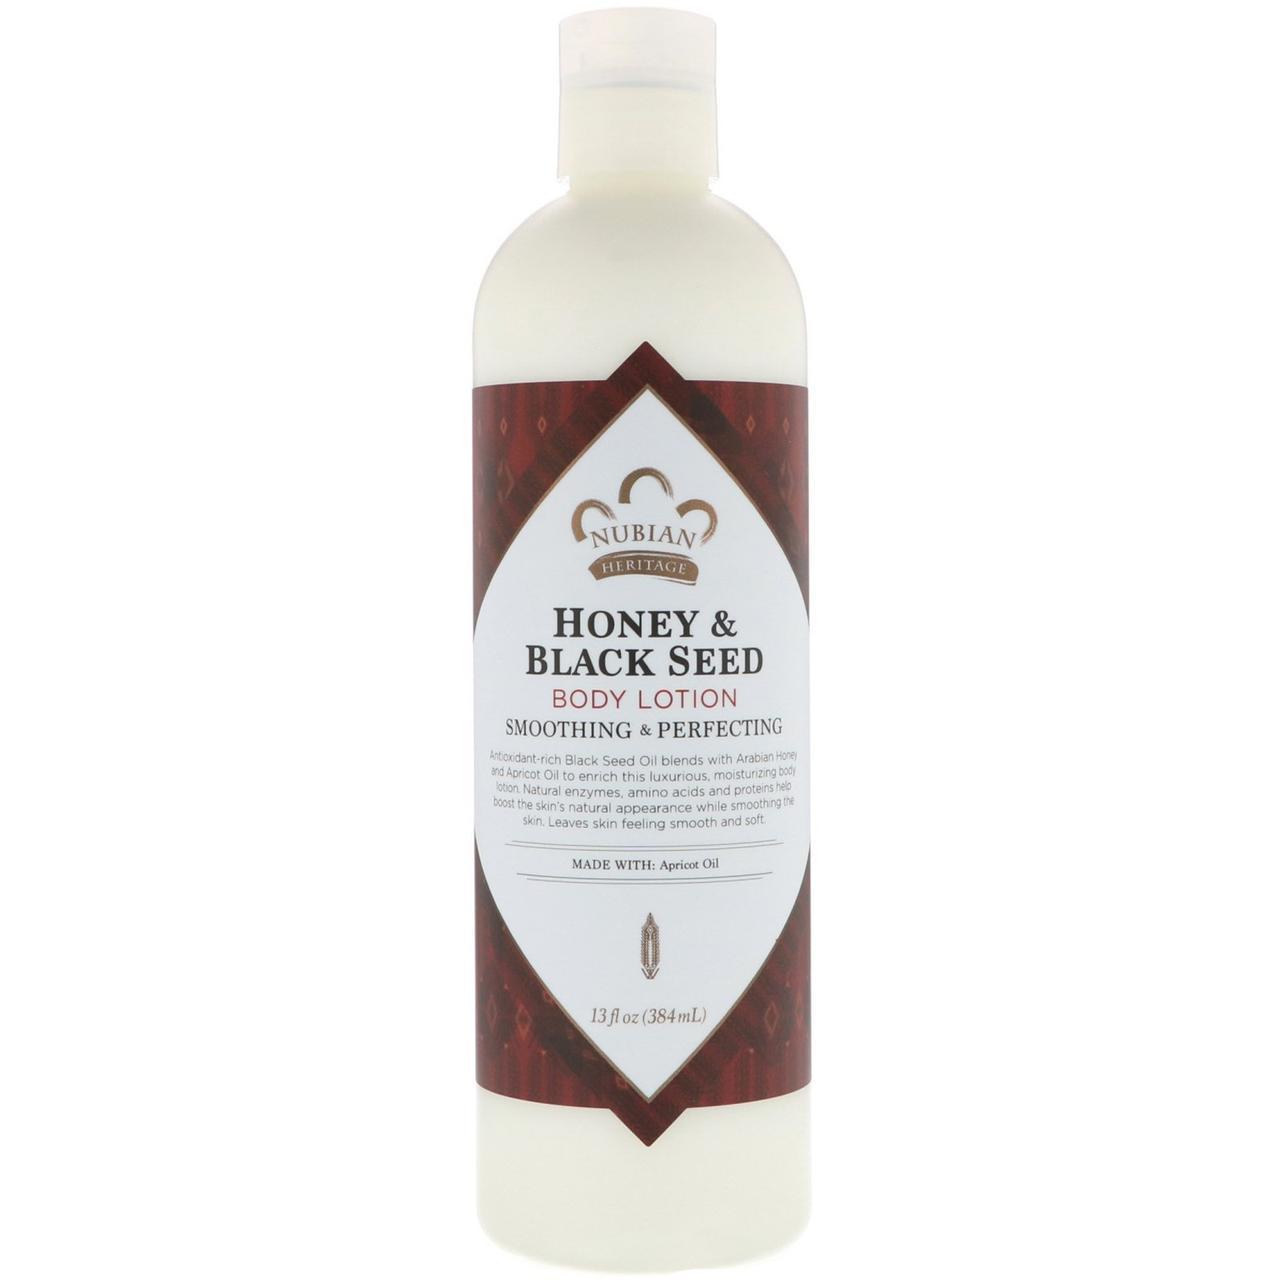 Лосьон для тела (мёд и чёрный тмин), Nubian Heritage, 384 мл